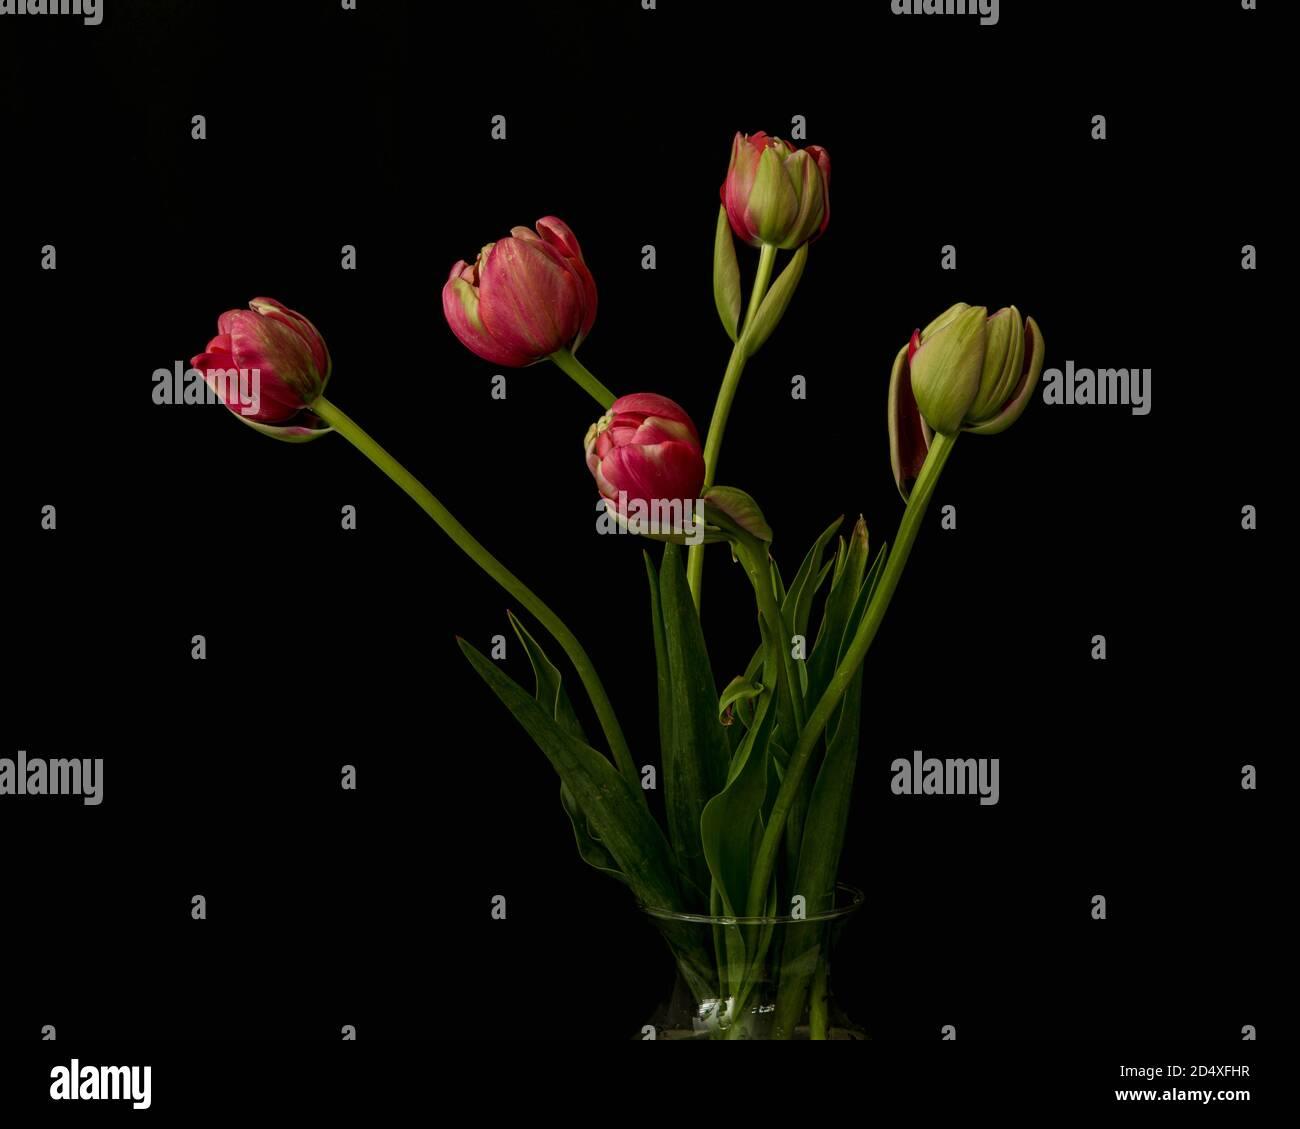 Bouquet di tulipani rosa e foglie verdi, in un vaso di vetro, visto dal lato, solo la parte superiore del contenitore mostrato, agasint fondo nero, con foglie Foto Stock